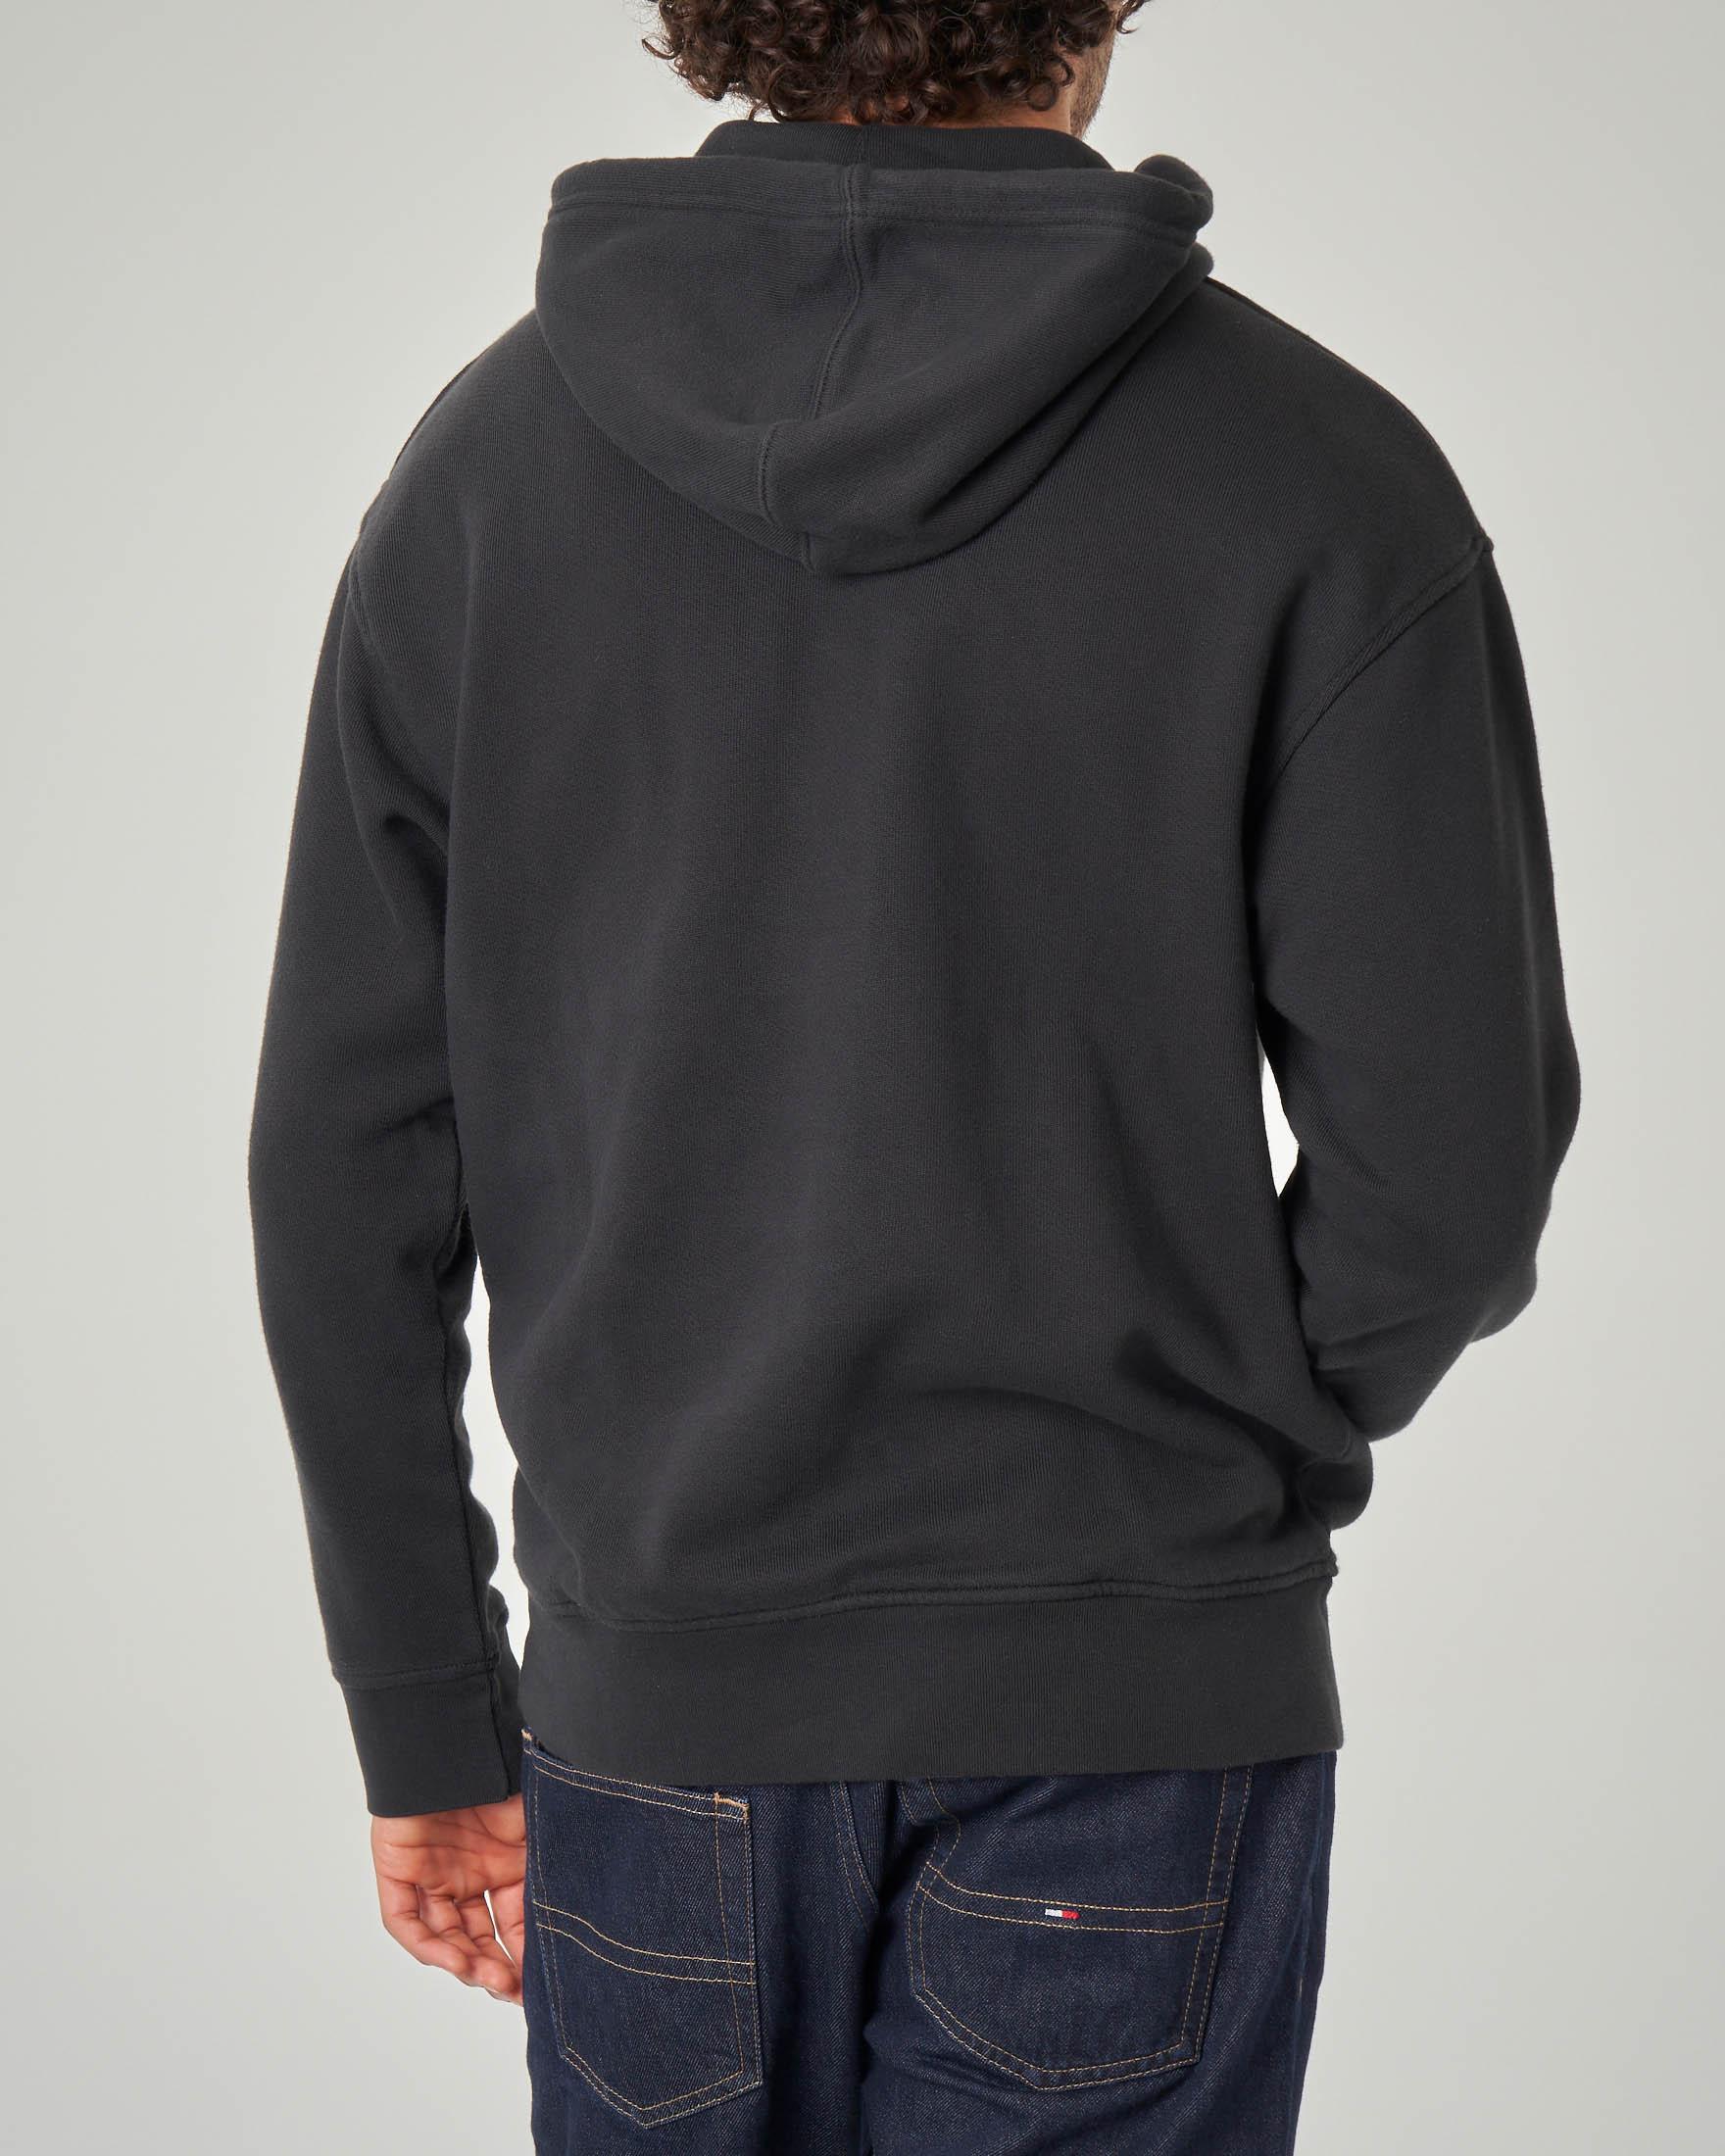 Felpa nera con cappuccio e logo in spugna | Pellizzari E